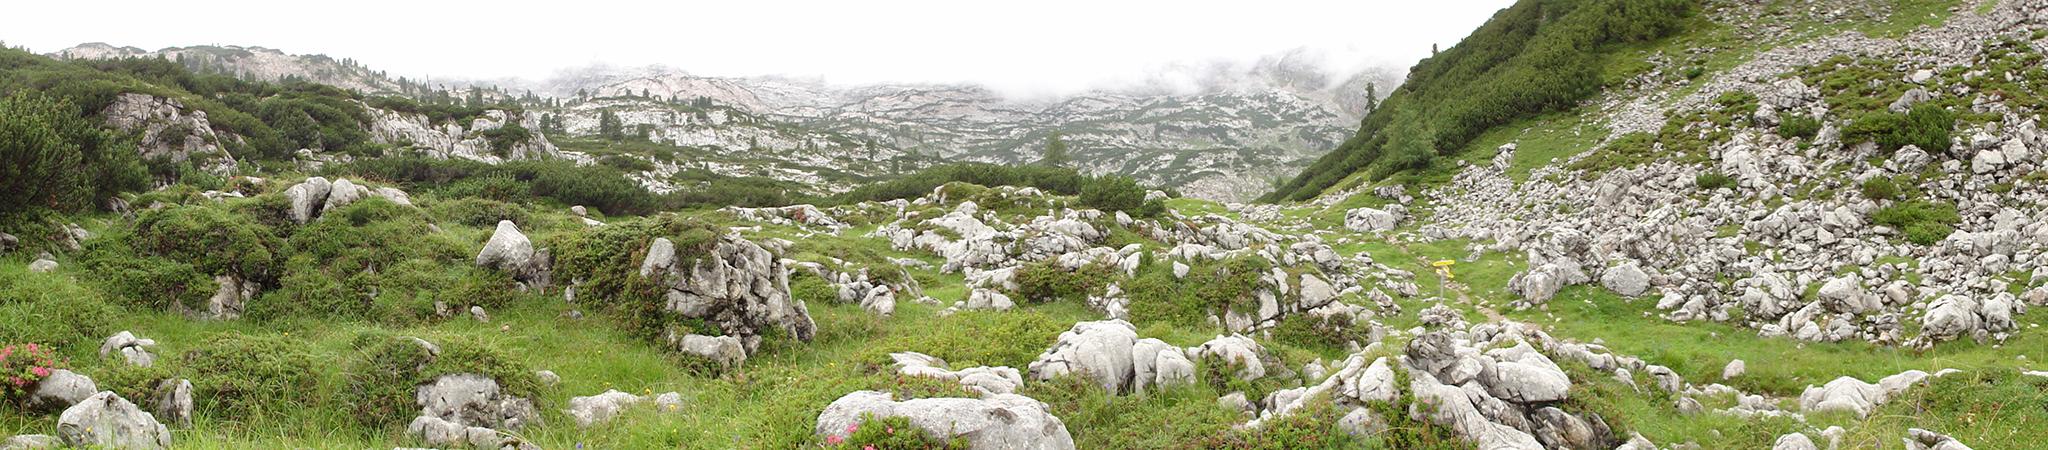 Arnoweg: Die trostlose und doch beeindruckende Landschaft am Steinernen Meer